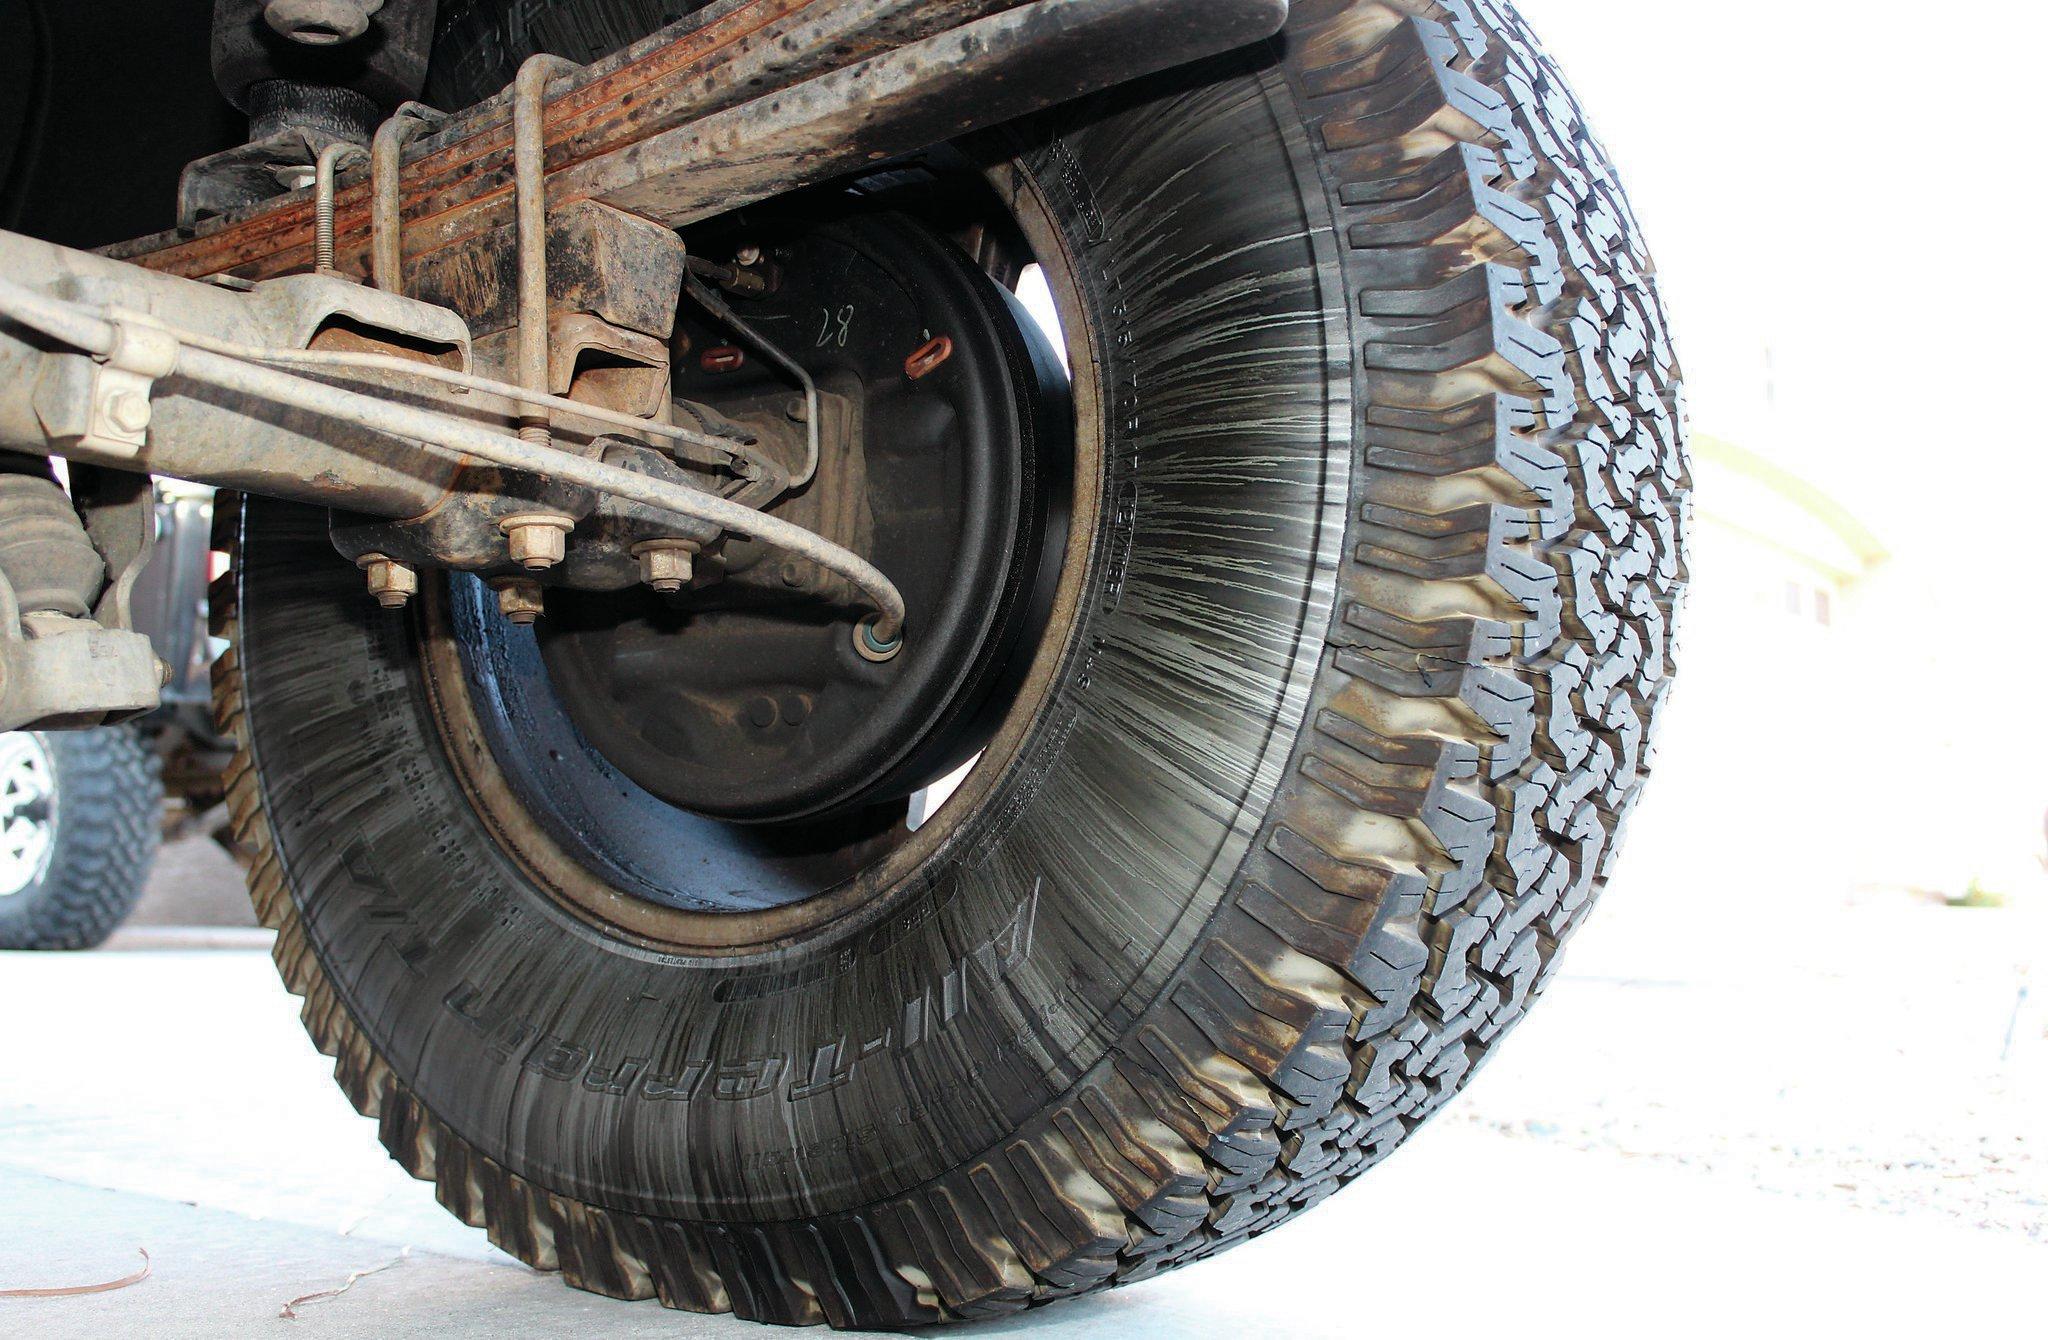 leaky axle